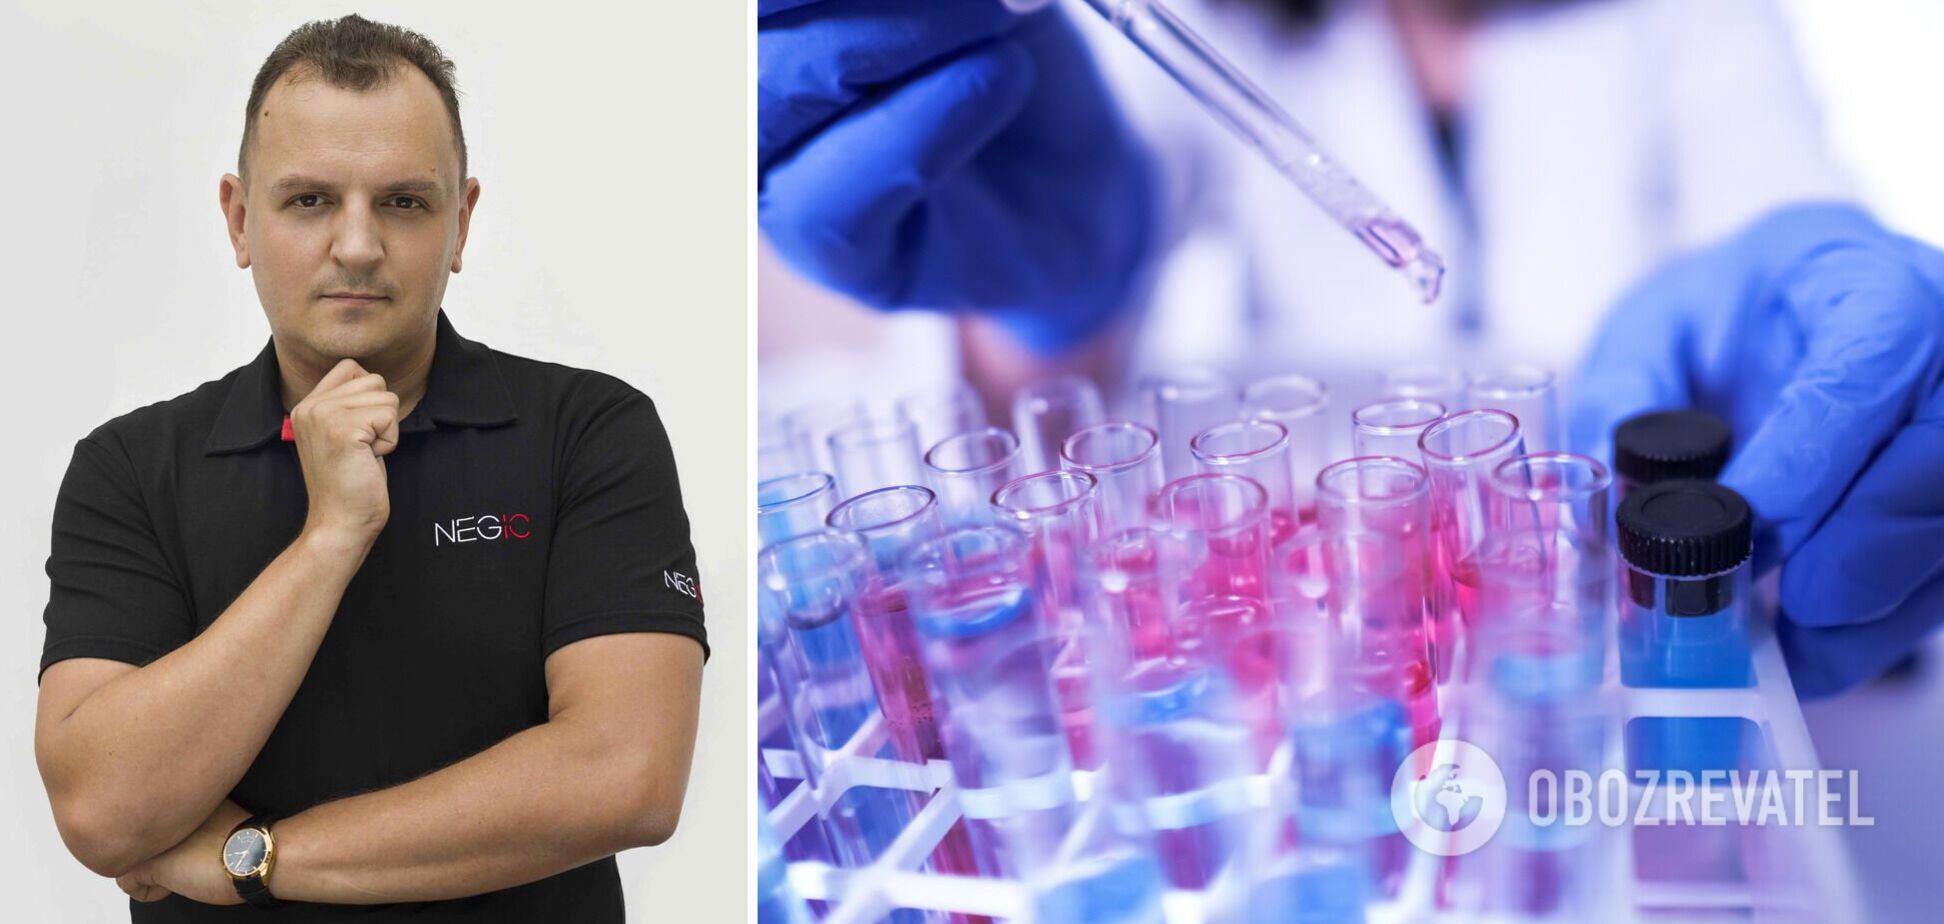 Платный ПЦР-тест для непривитых: эпидемиолог привел аргументы